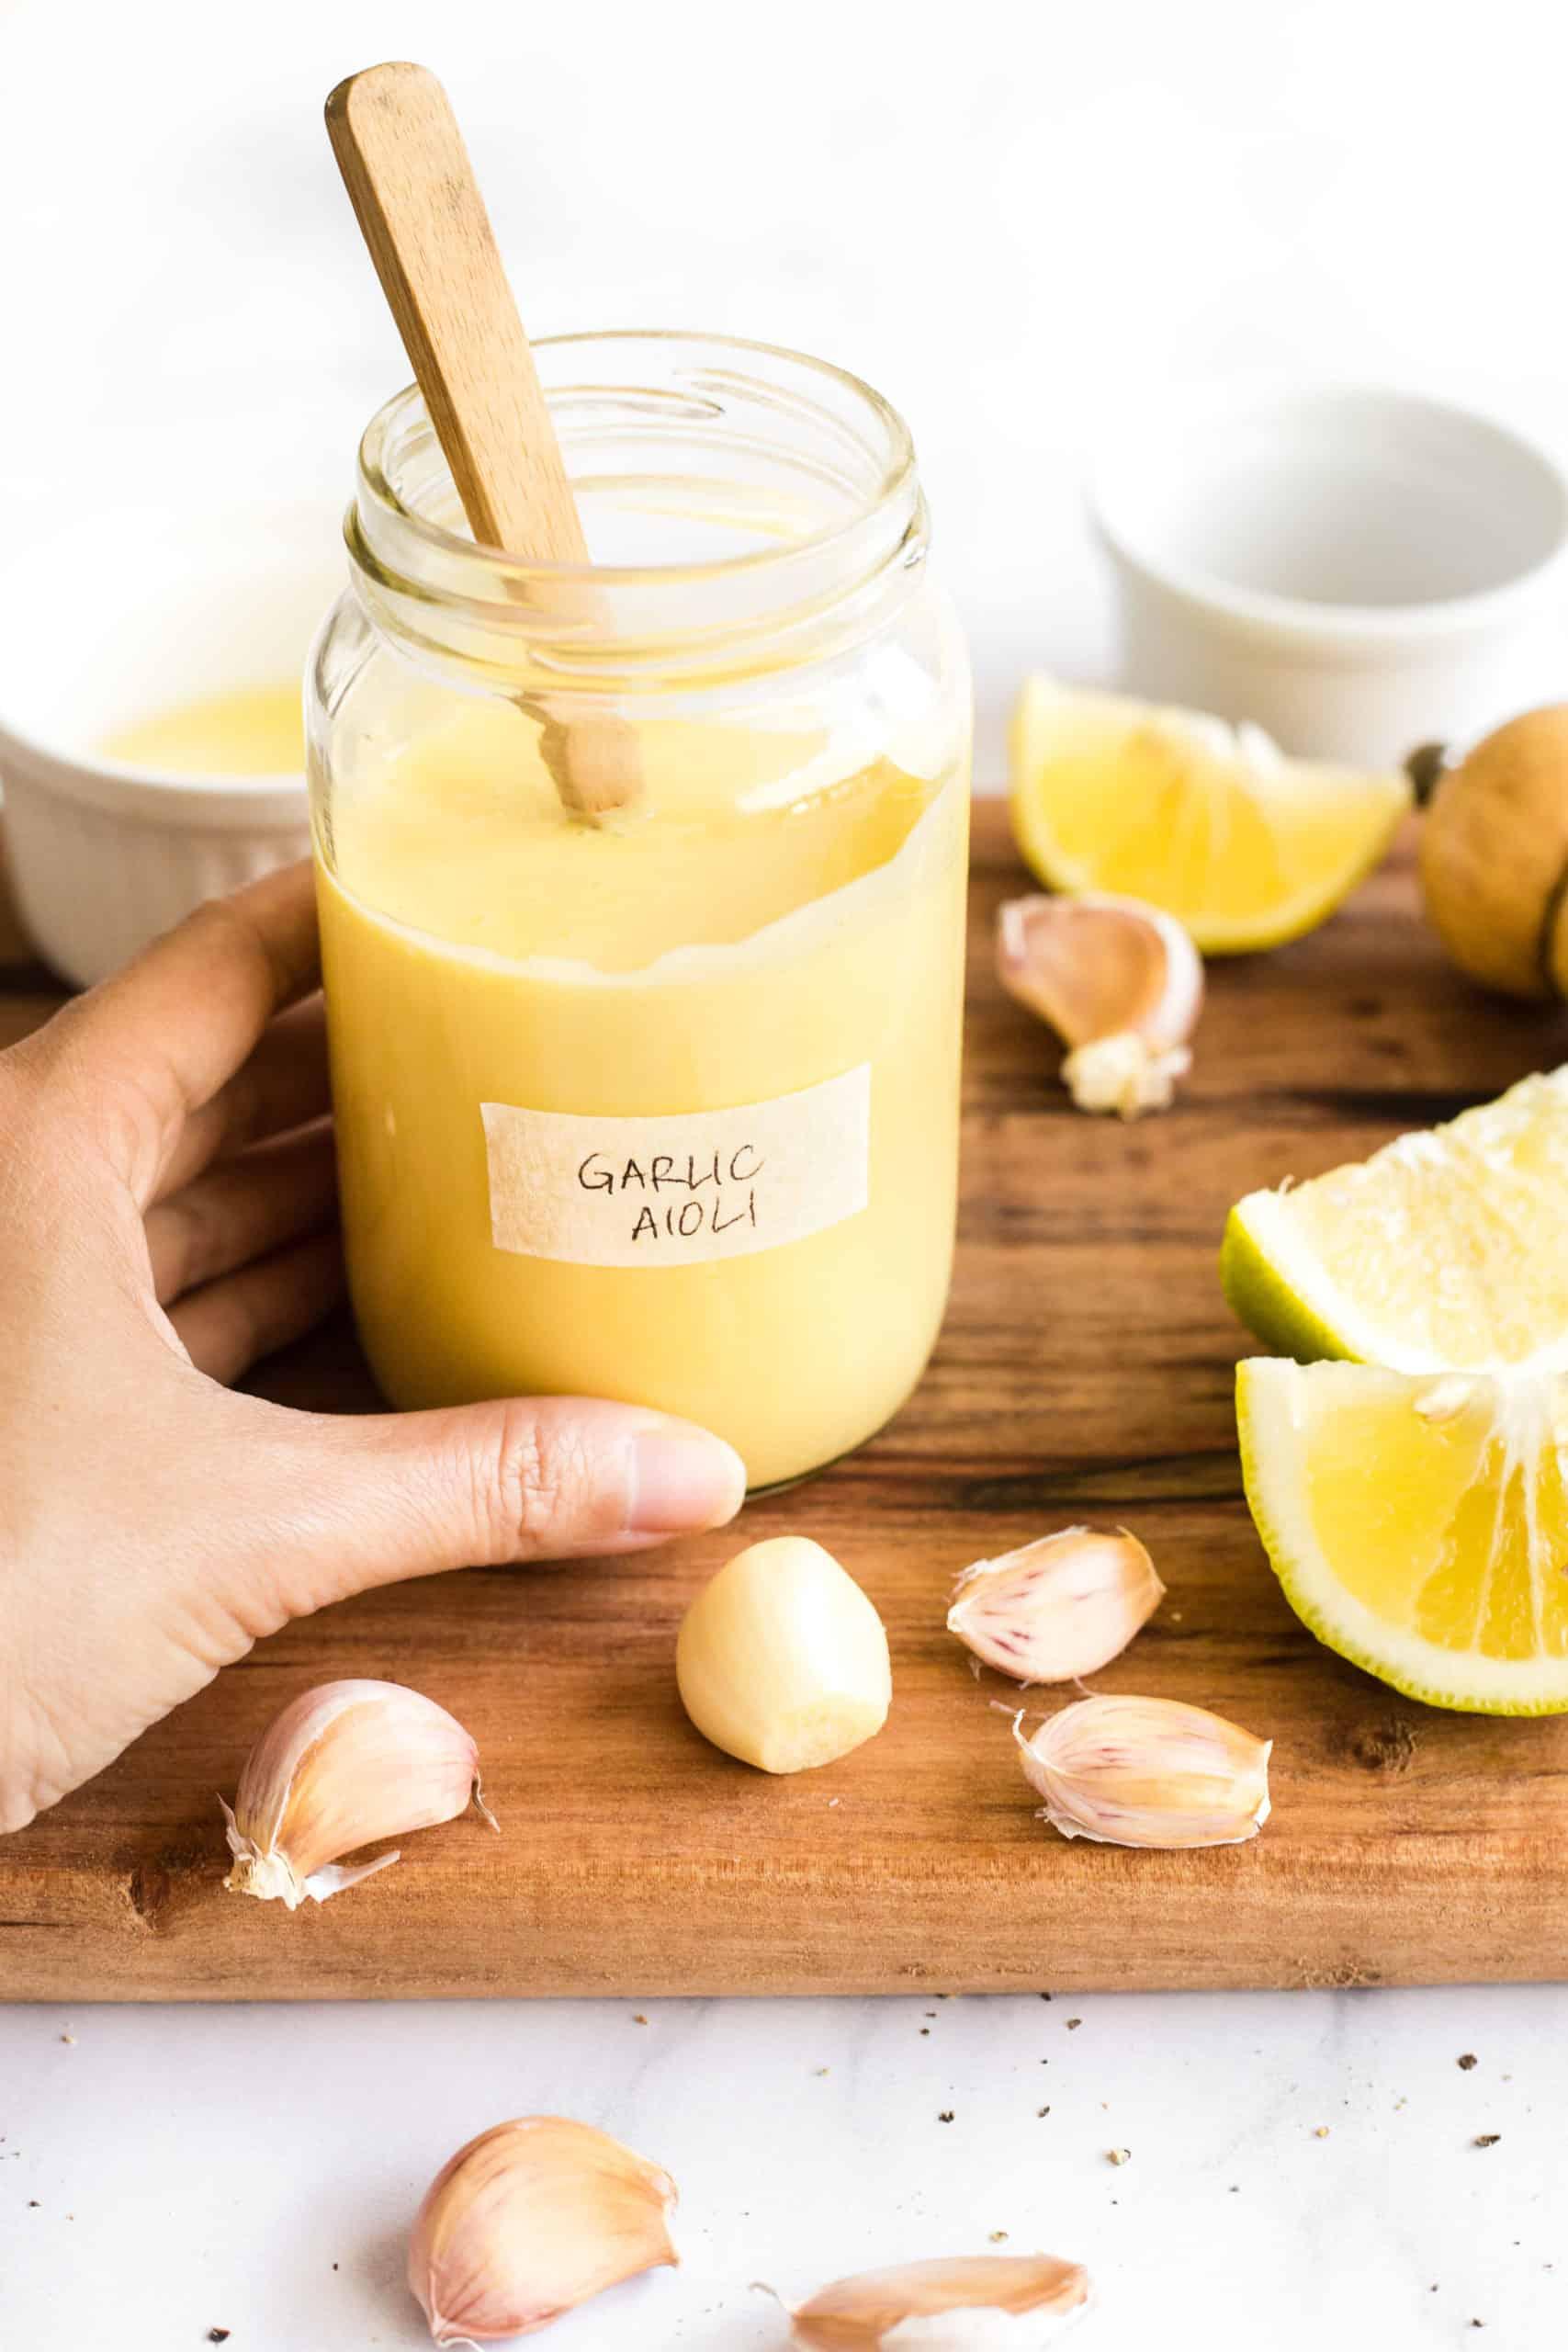 Hand holding a jar of freshly garlic aioli.